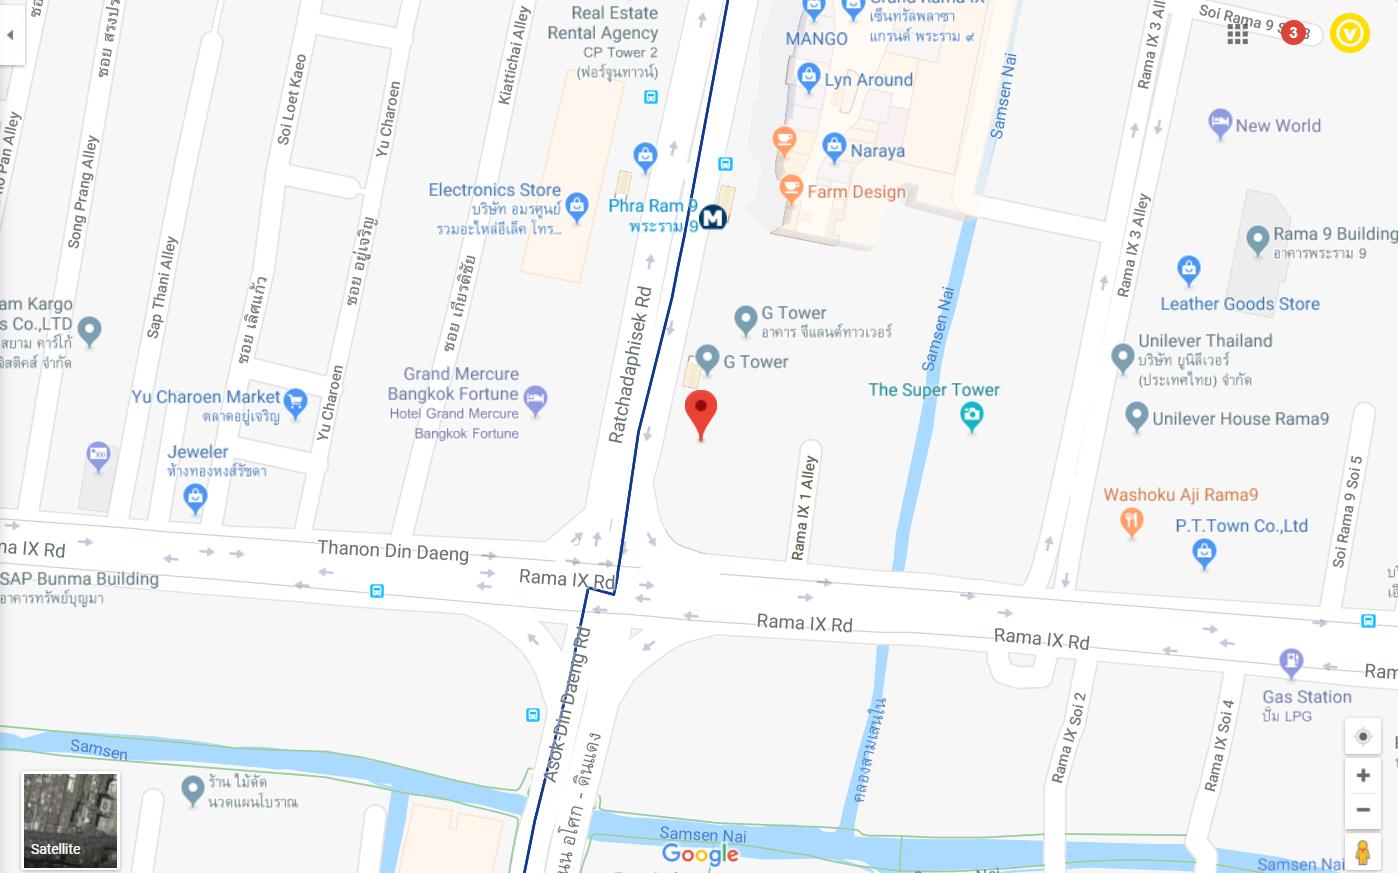 Địa chỉ nhà máy và showroom thiết bị vệ sinh TOTO tại Thái Lan